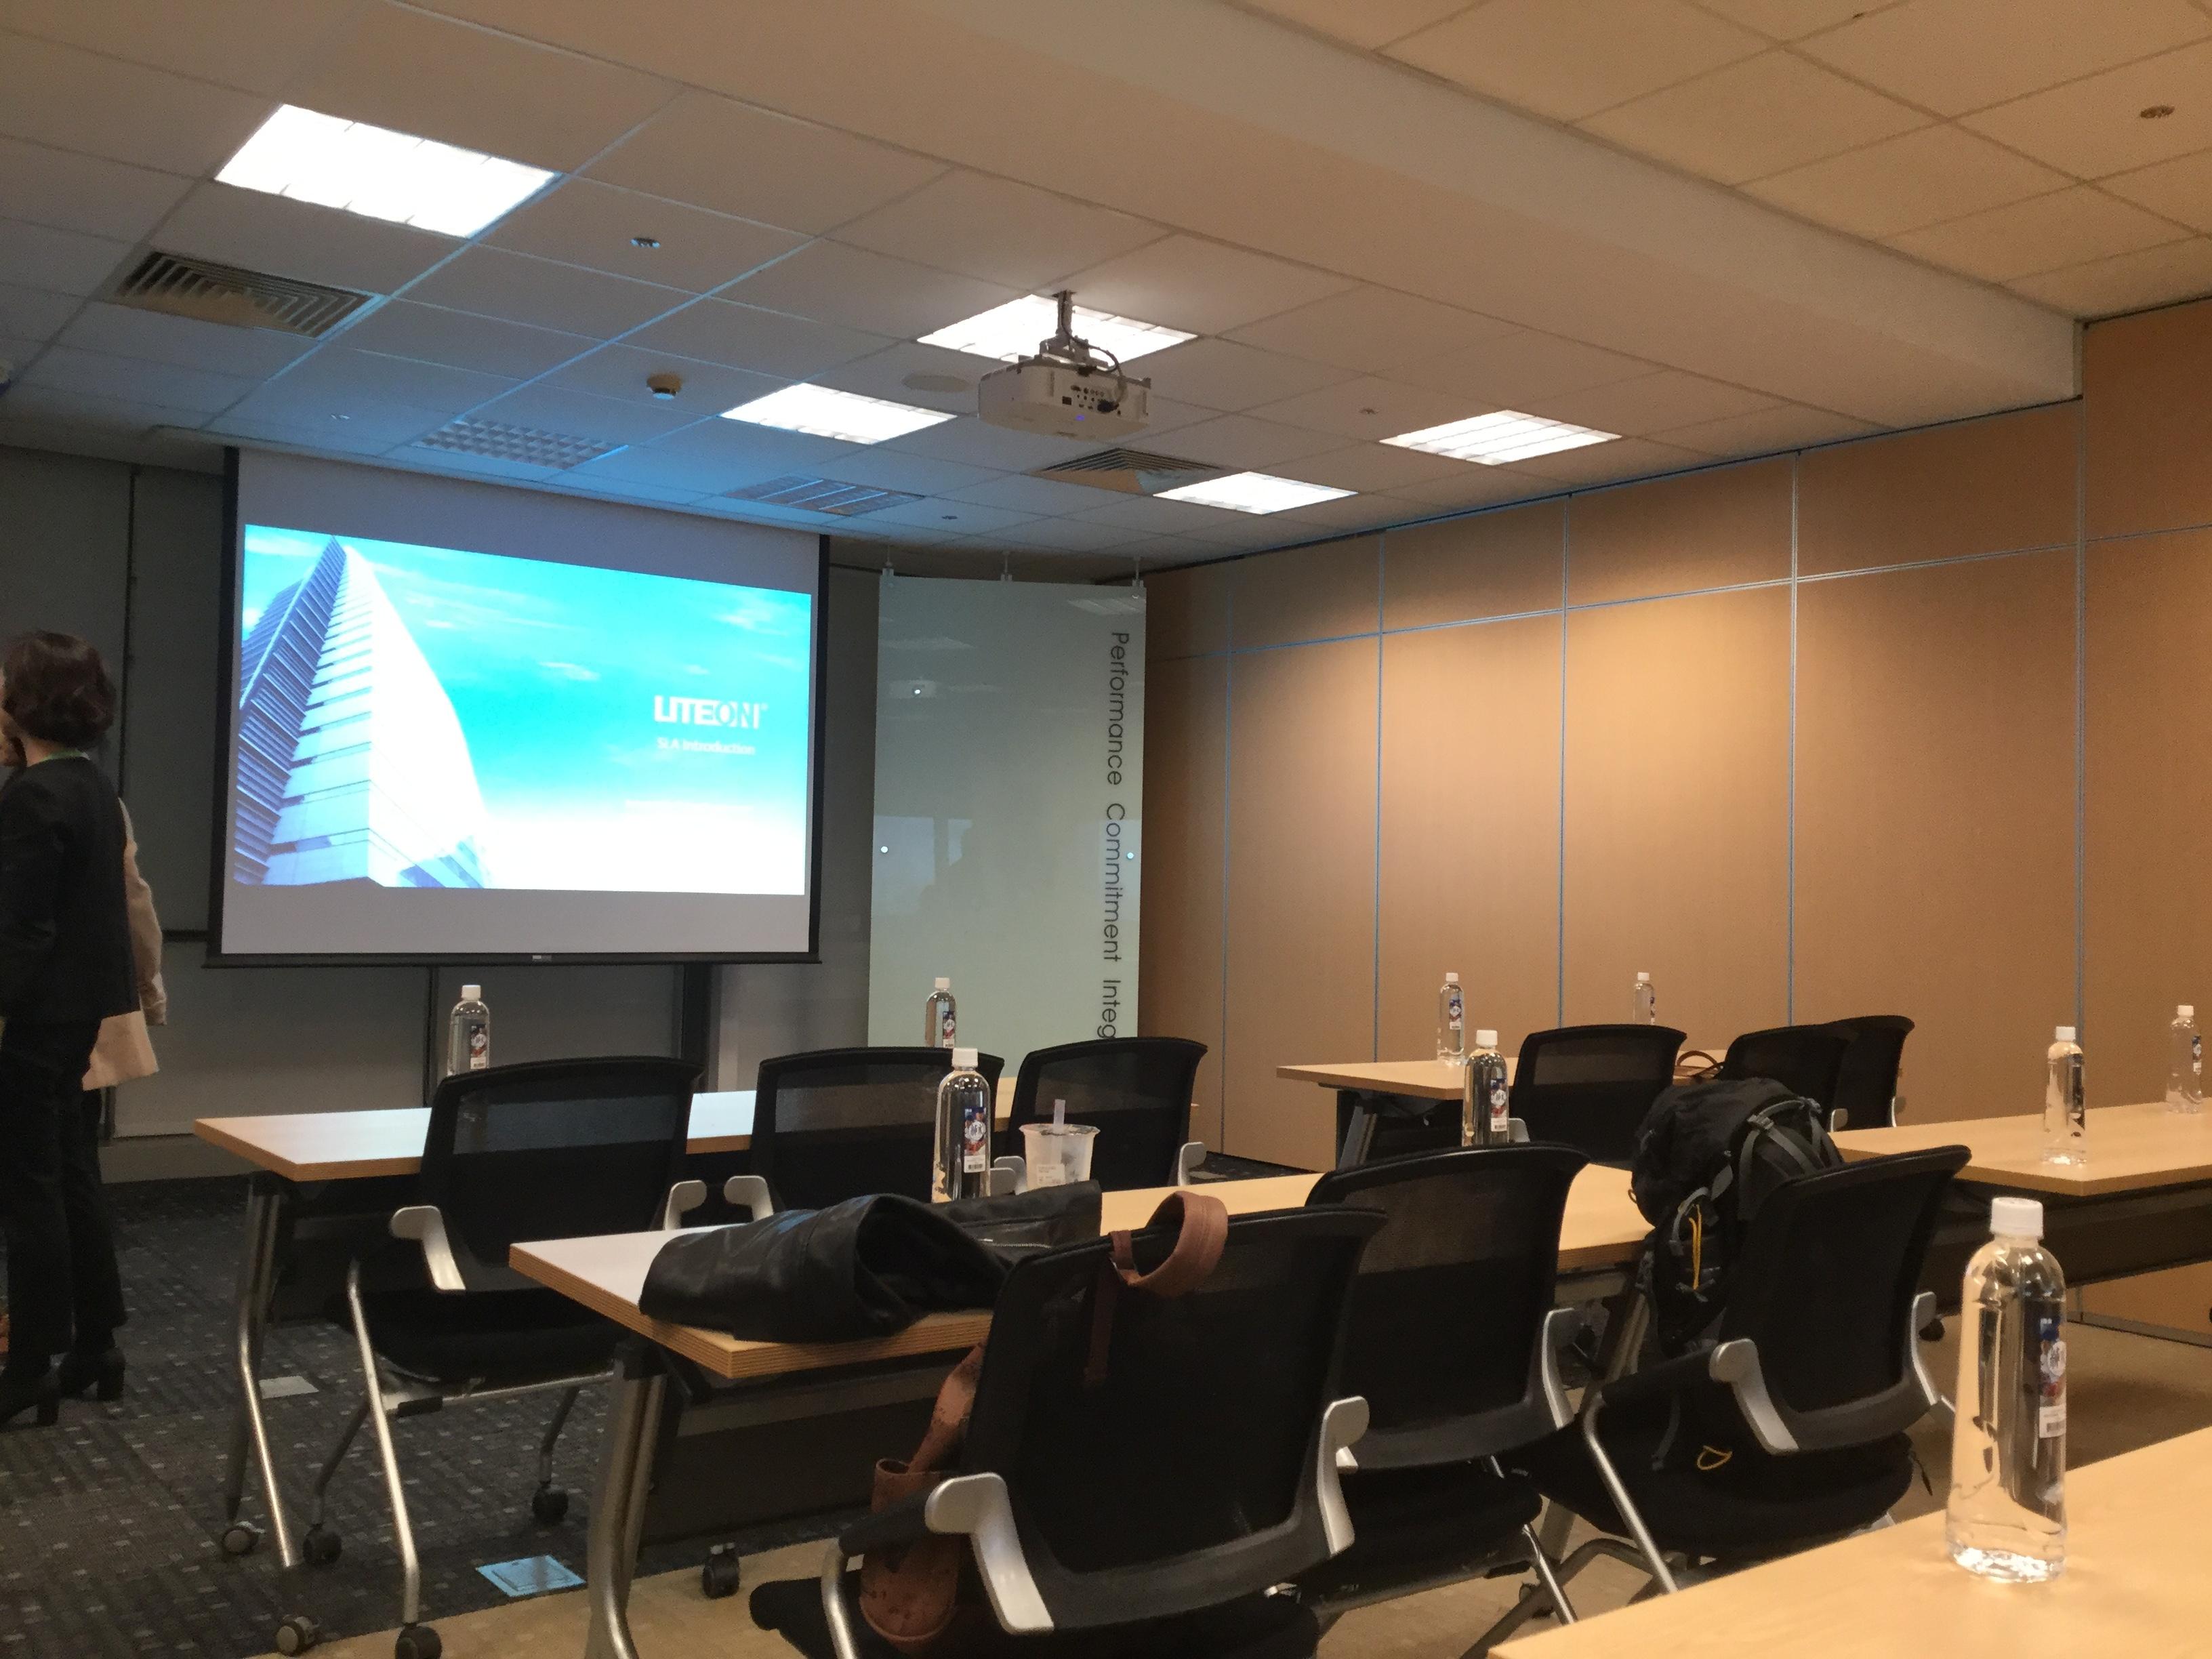 会議室とスライドの写真です。